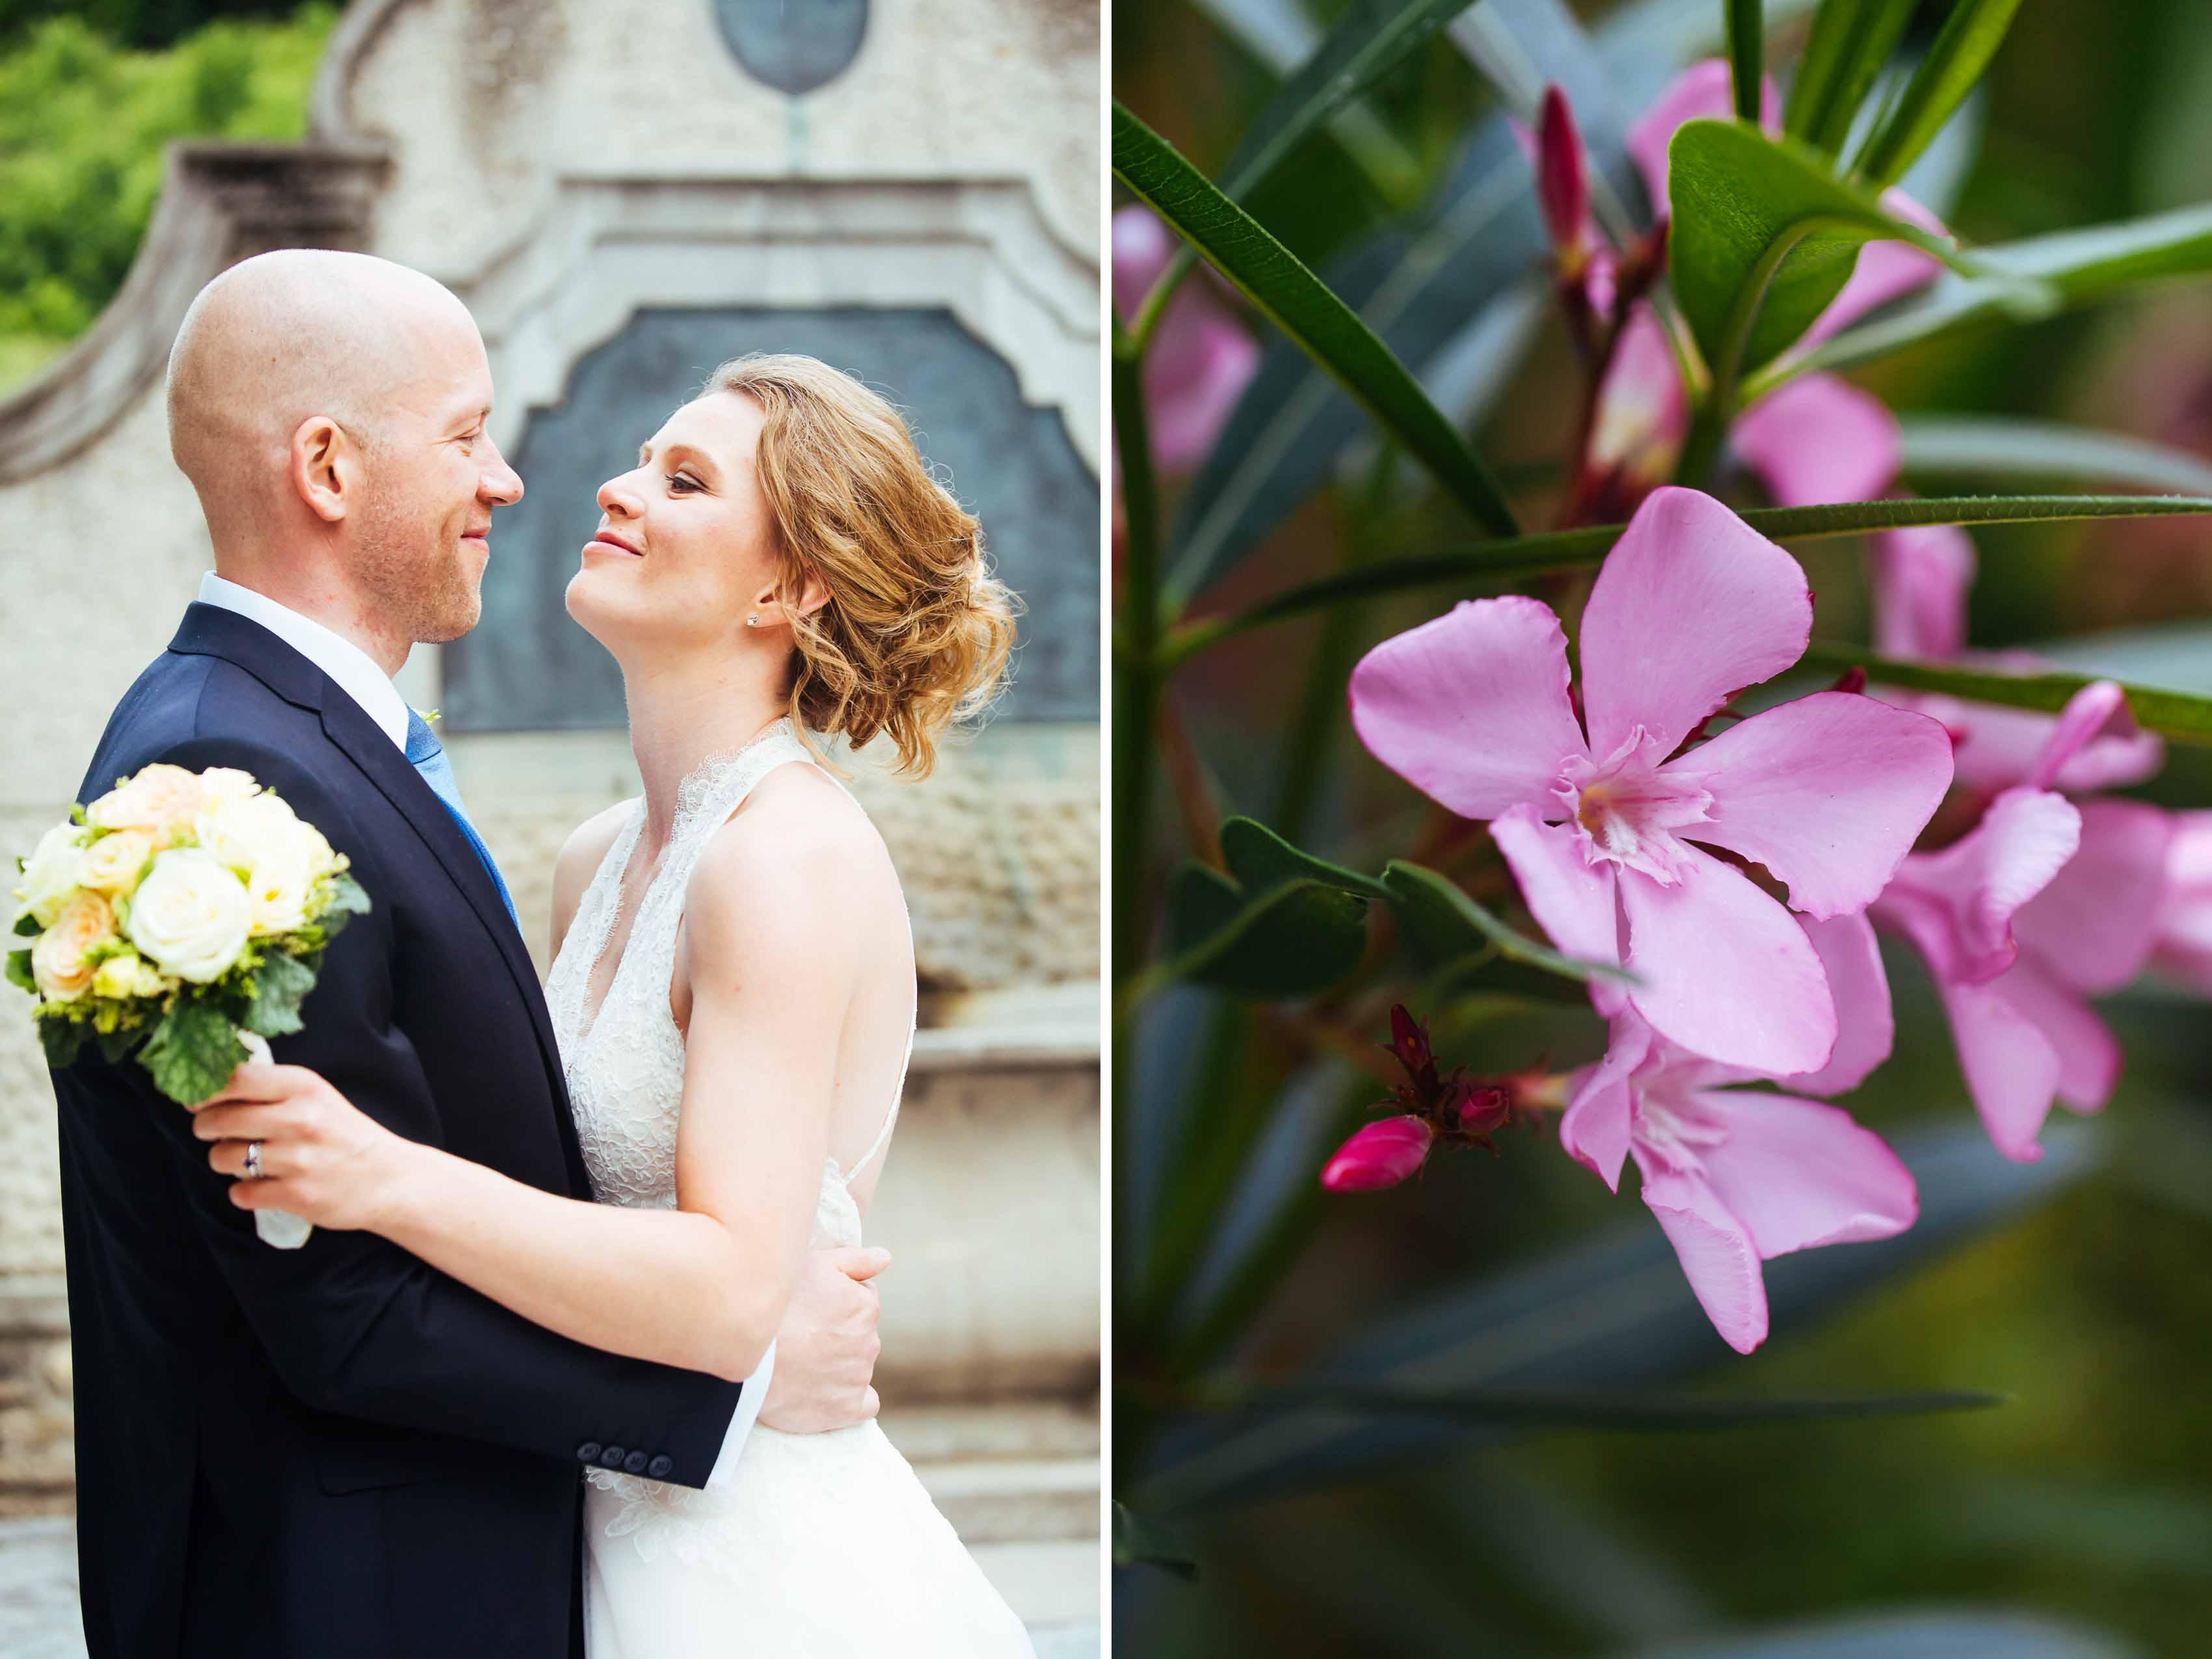 Hochzeit-Gumpoldskirchen-Hochzeitsfotograf-Hochzeitsfotos-37